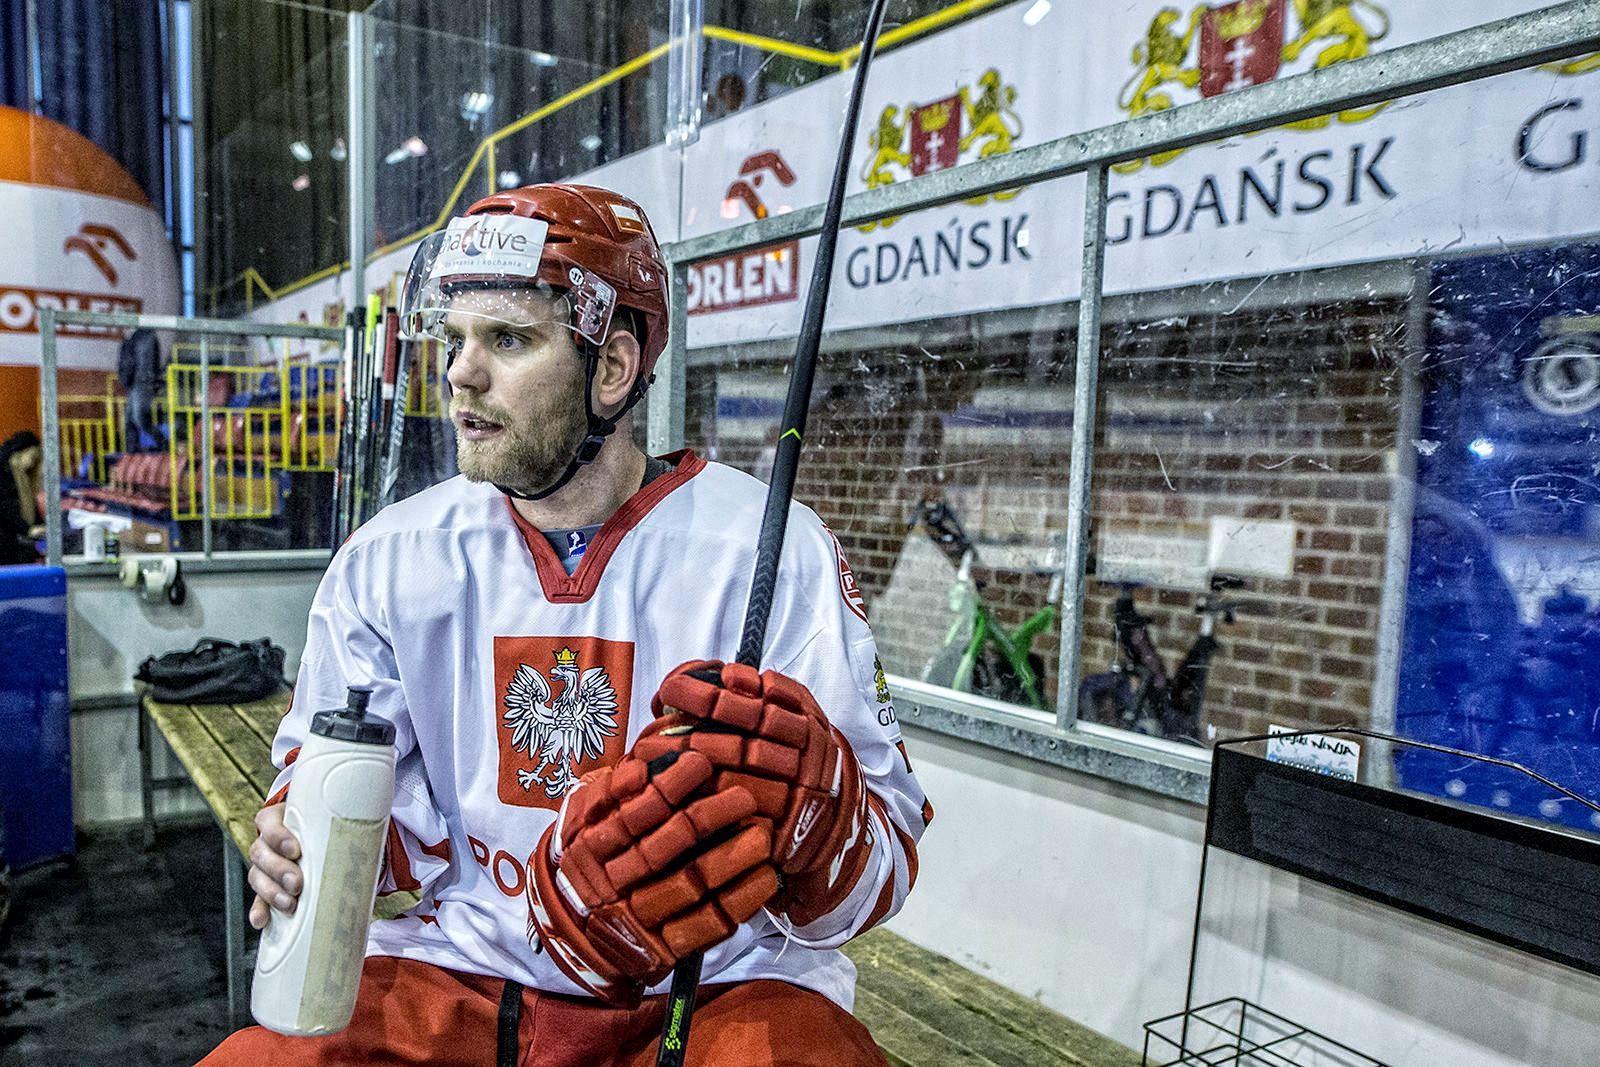 reprezentacja polski w hokeju002